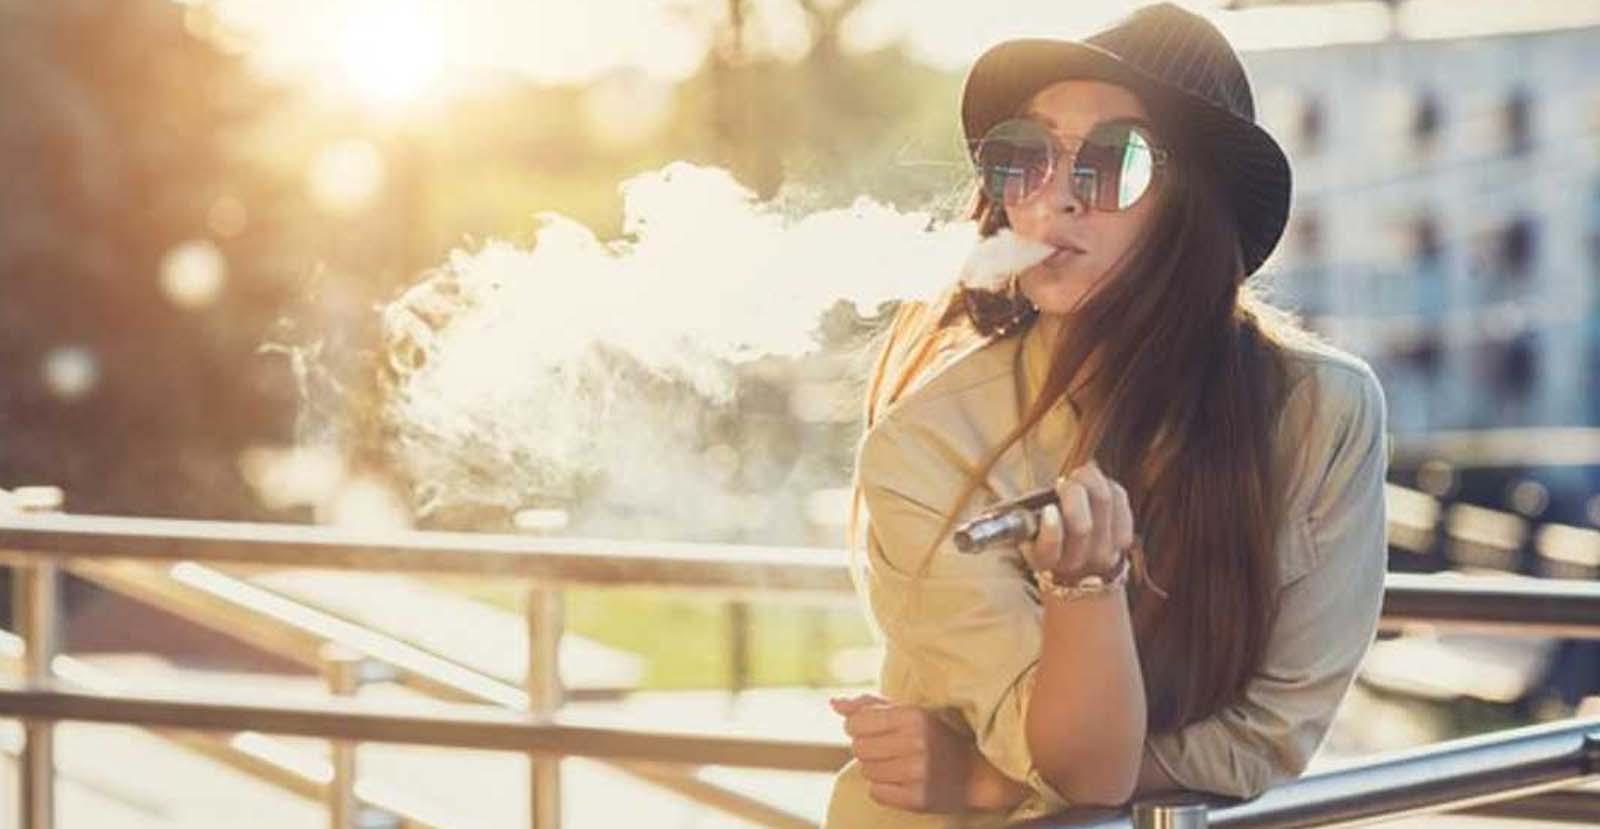 Liquido base per sigaretta elettronica Casorezzo - ✅ per svapare in tranquillità prodotti di qualità scegli chi da anni è nel mondo dello svapo!